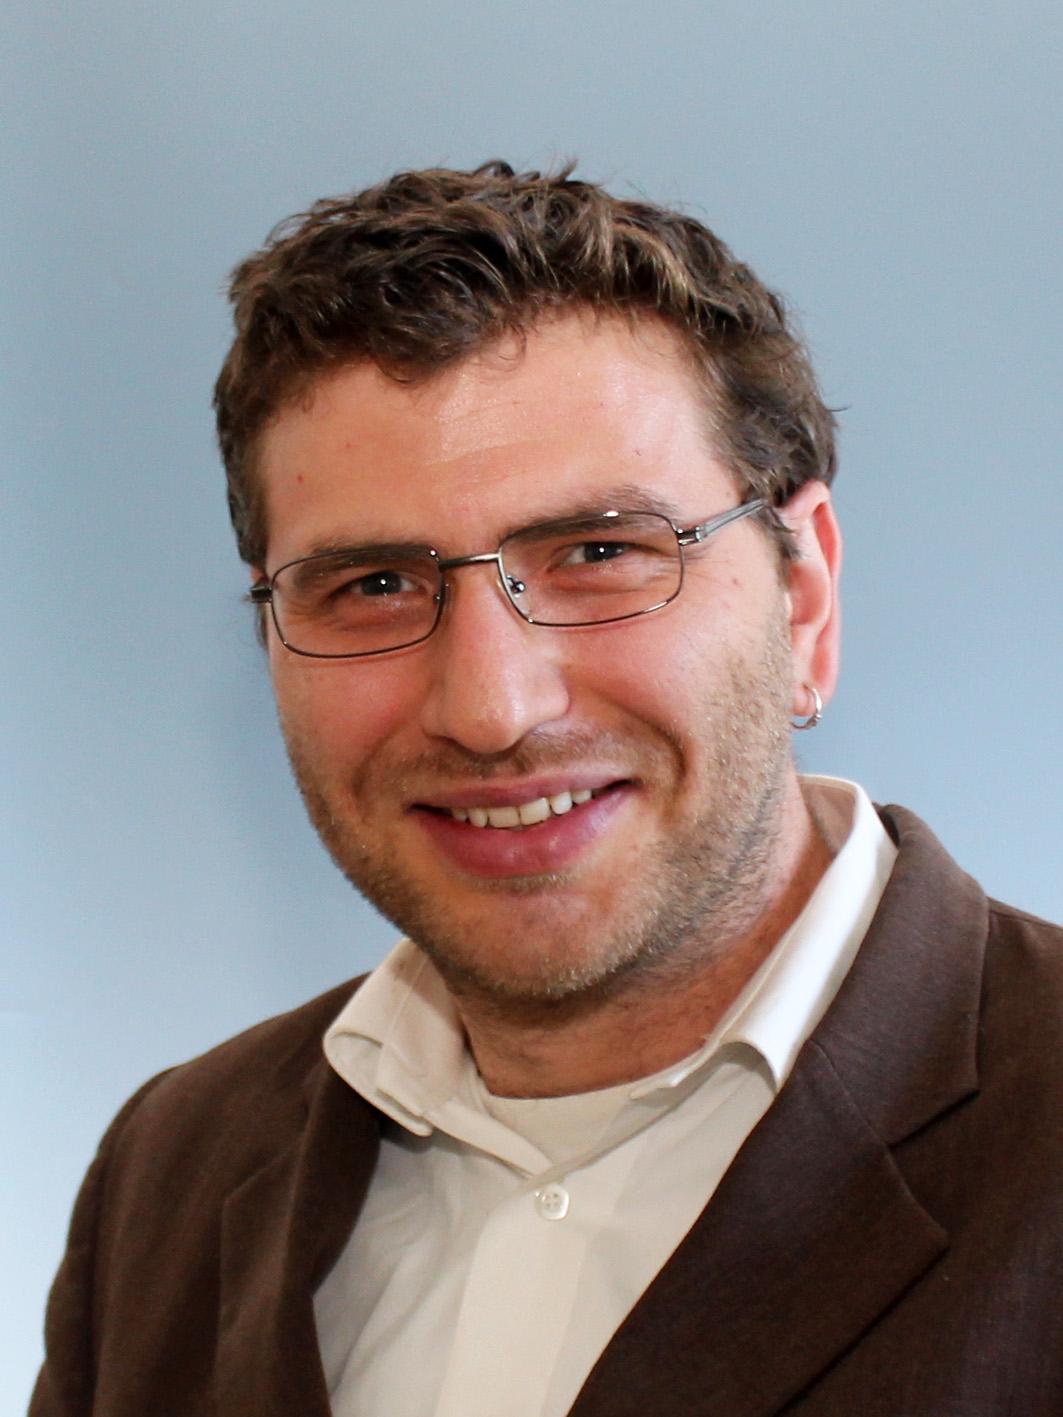 Simon Ozer